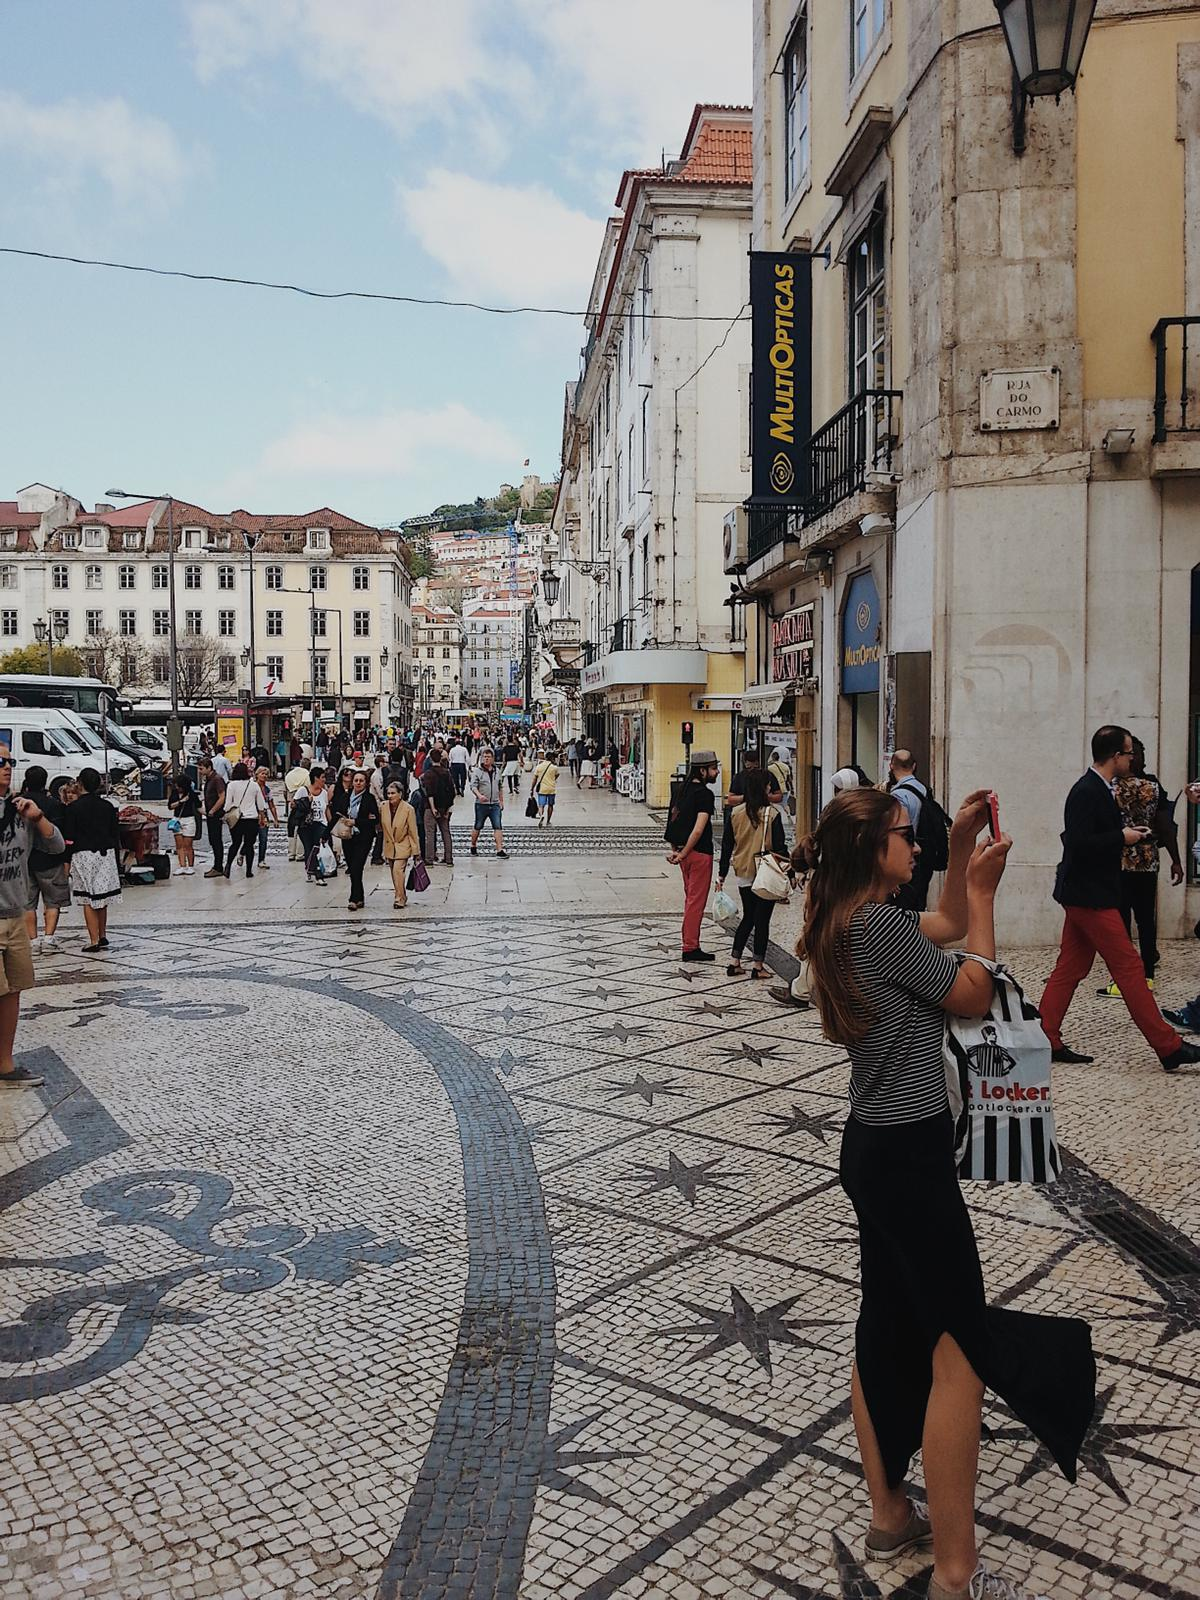 stedentrip europa tips